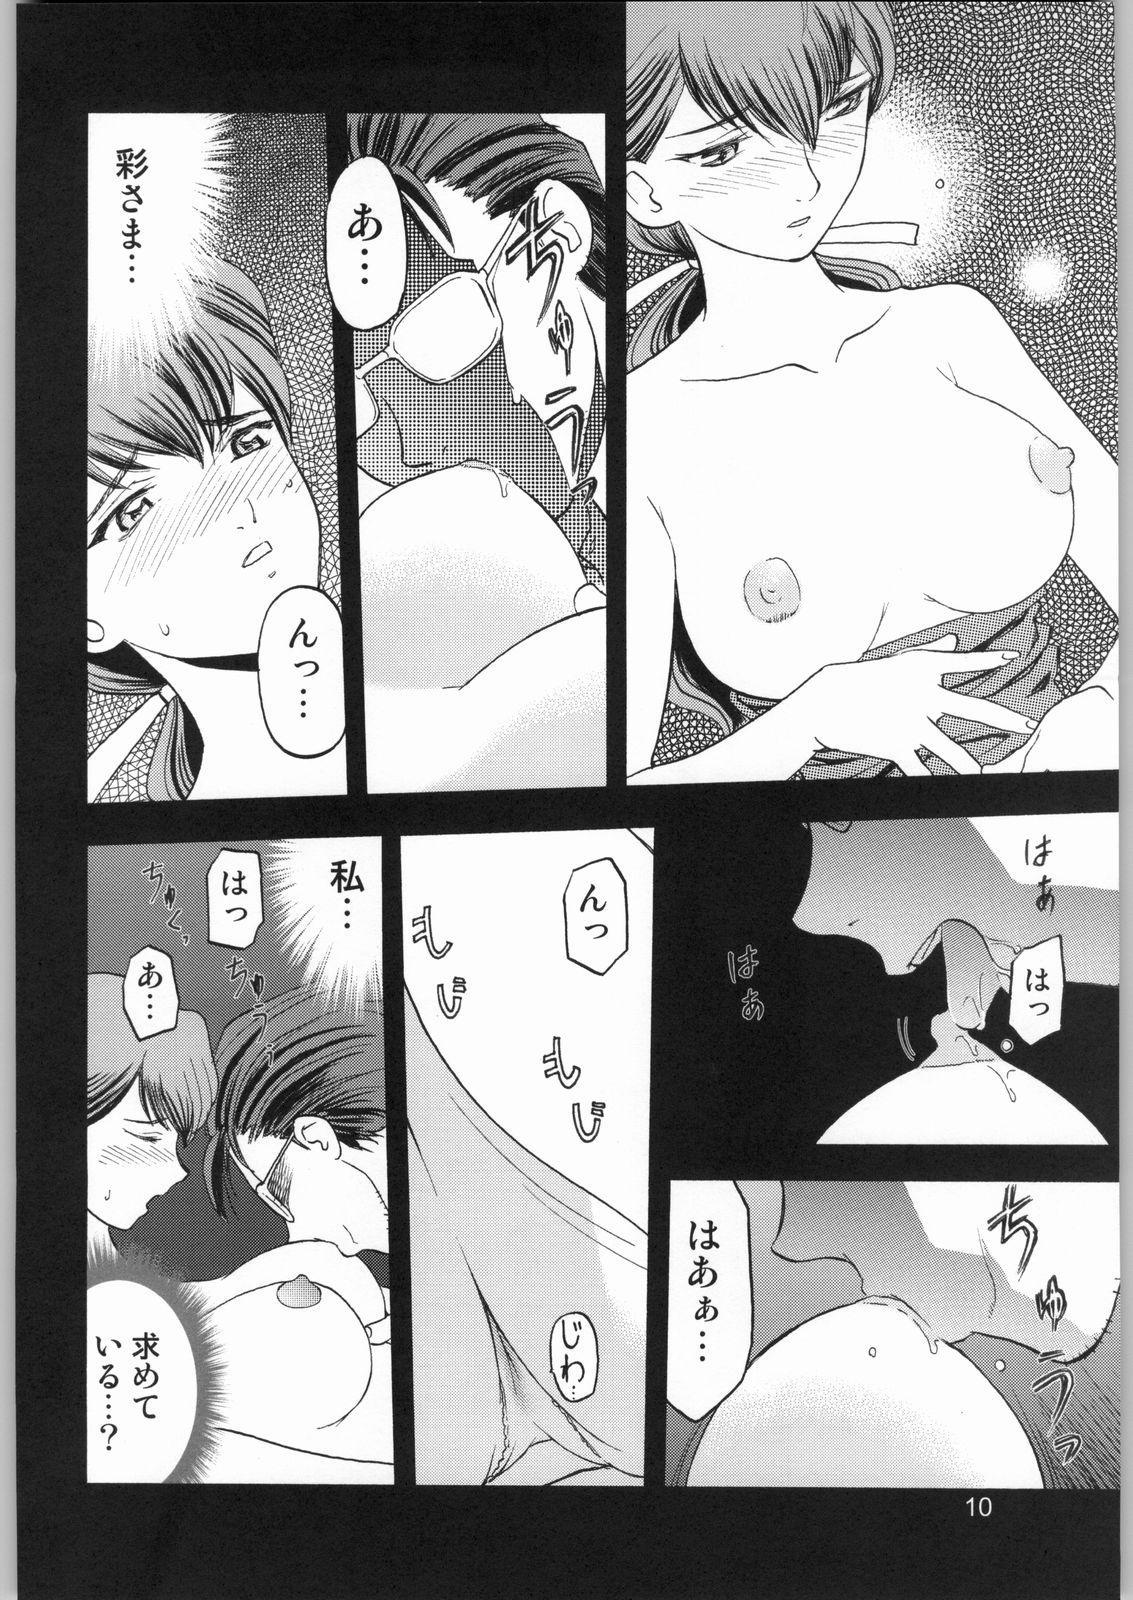 Yagyuu Ichizoku no Inkou 8